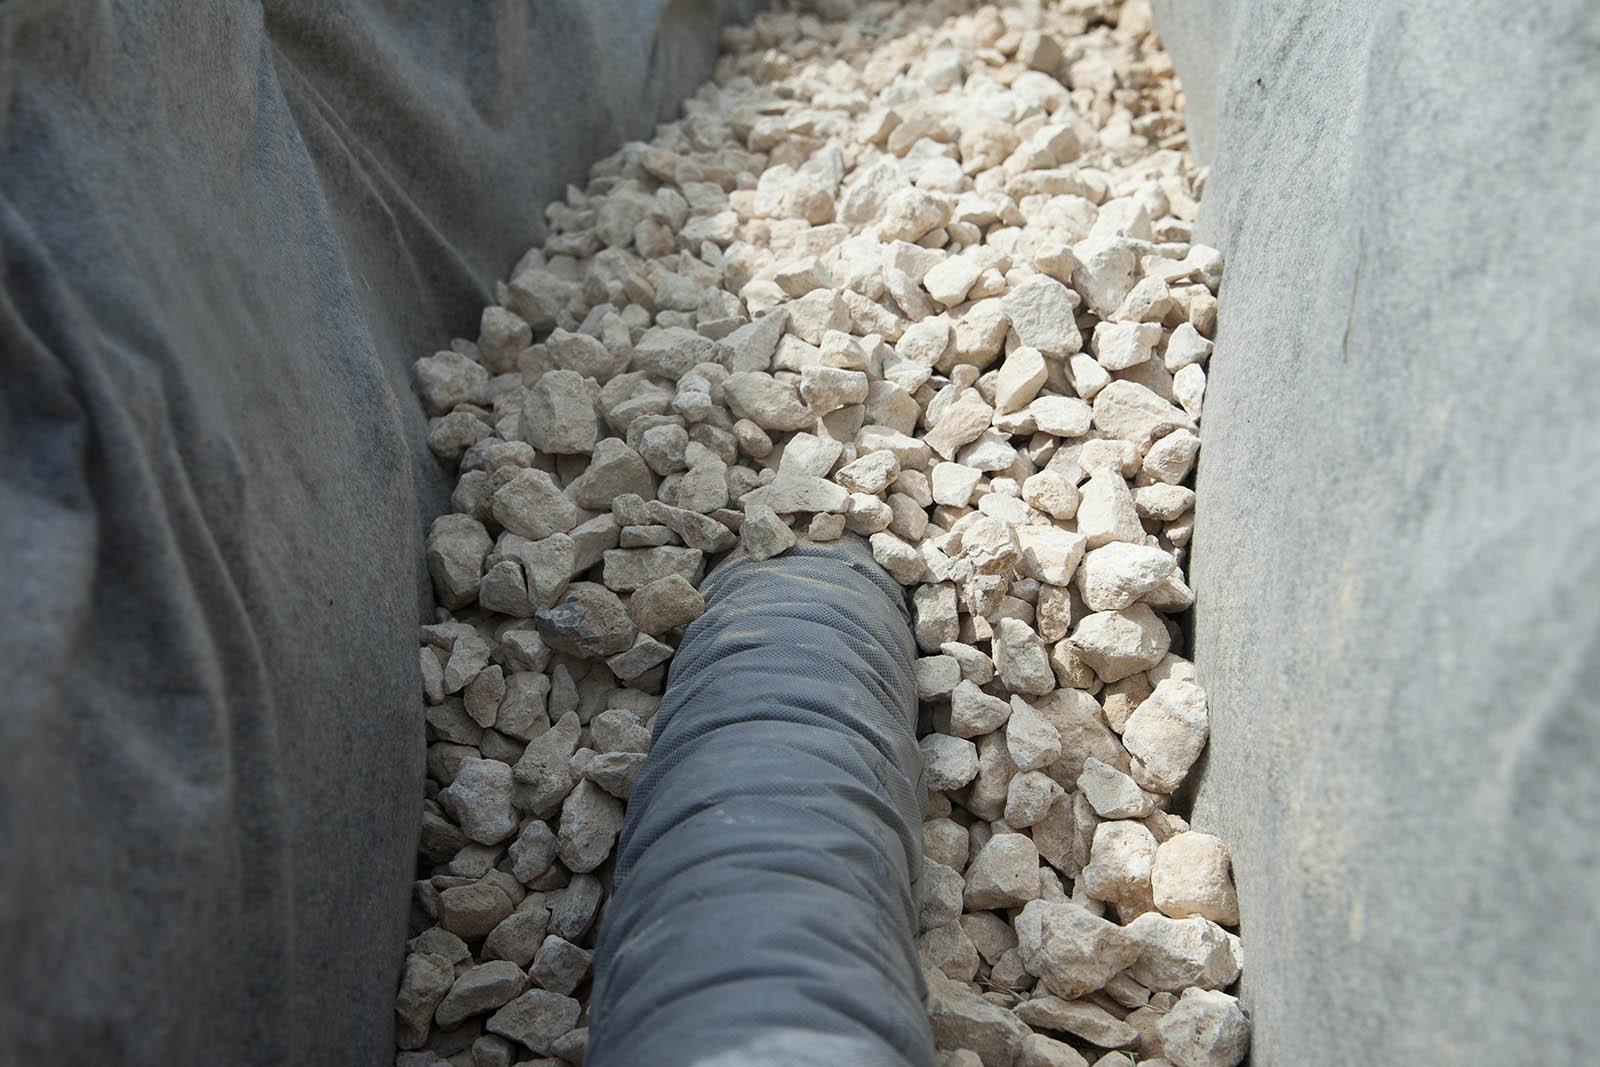 Vi är experter på dränering i Stockholm och kan utföra all typ av dränering oavsett dräneringssystem. Som här – en dränering med stenar.